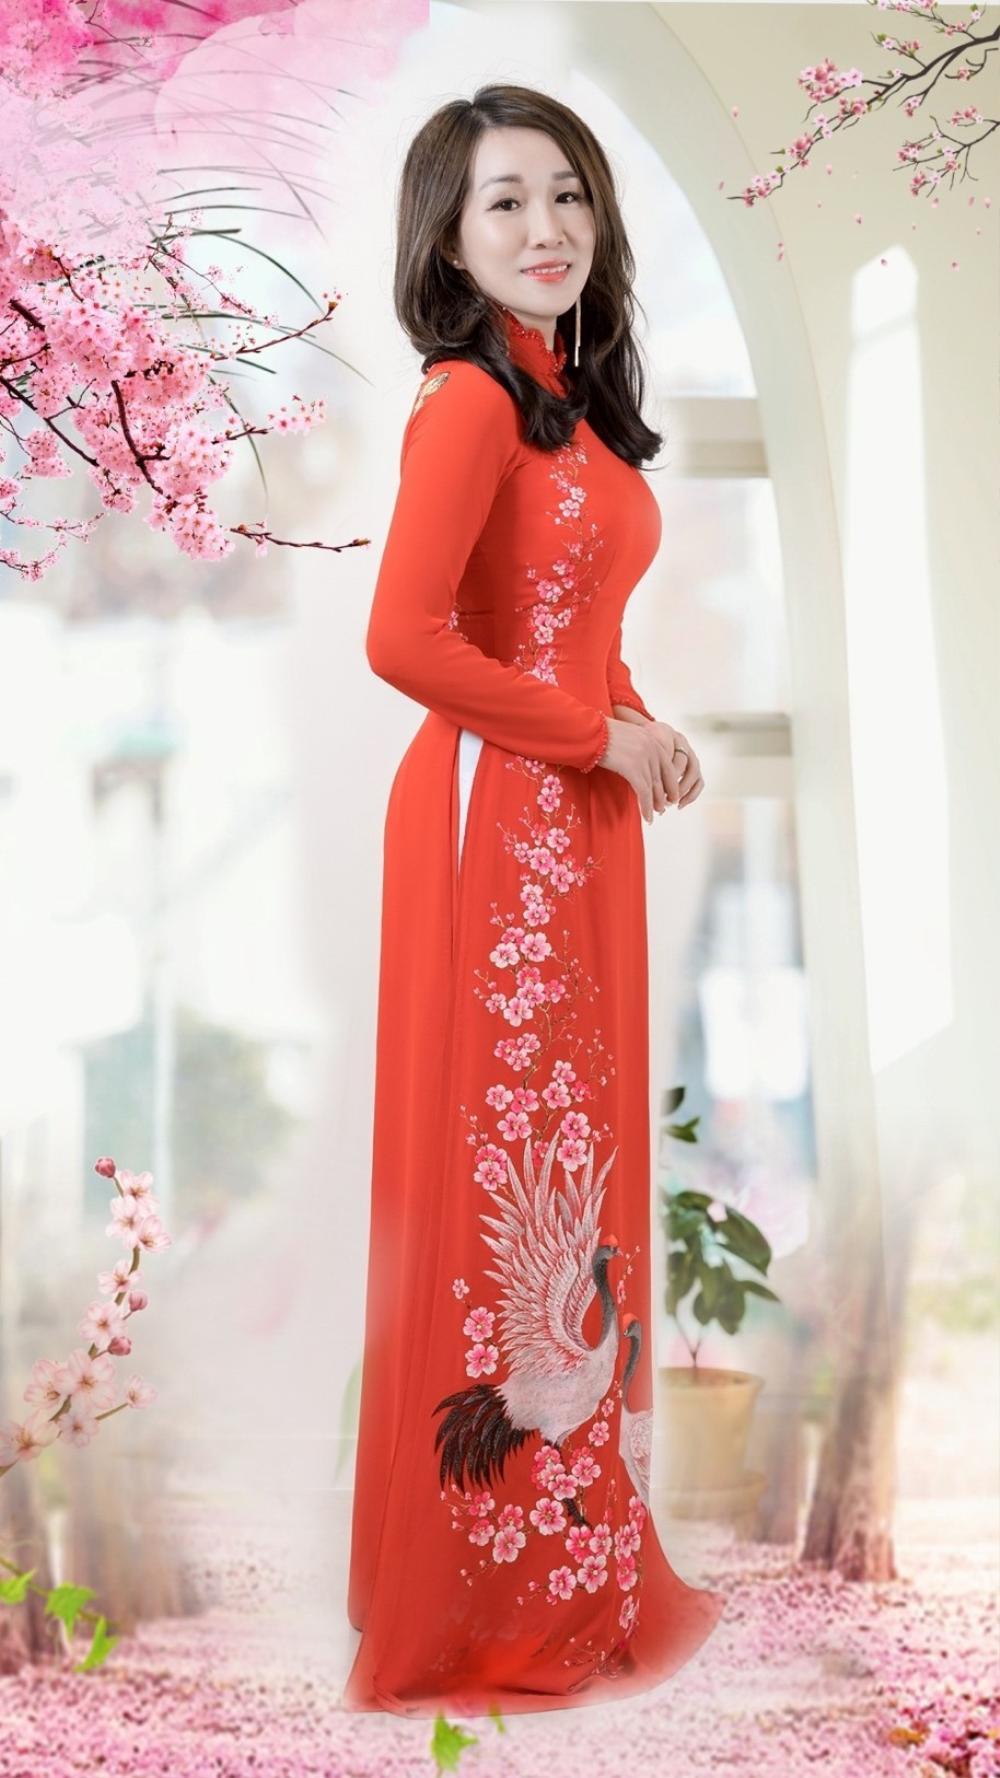 Á hậu Doanh nhân Lee YuJin thả dáng eo thon trong tà áo dài truyền thống đón xuân Tân Sửu 2021 Ảnh 1